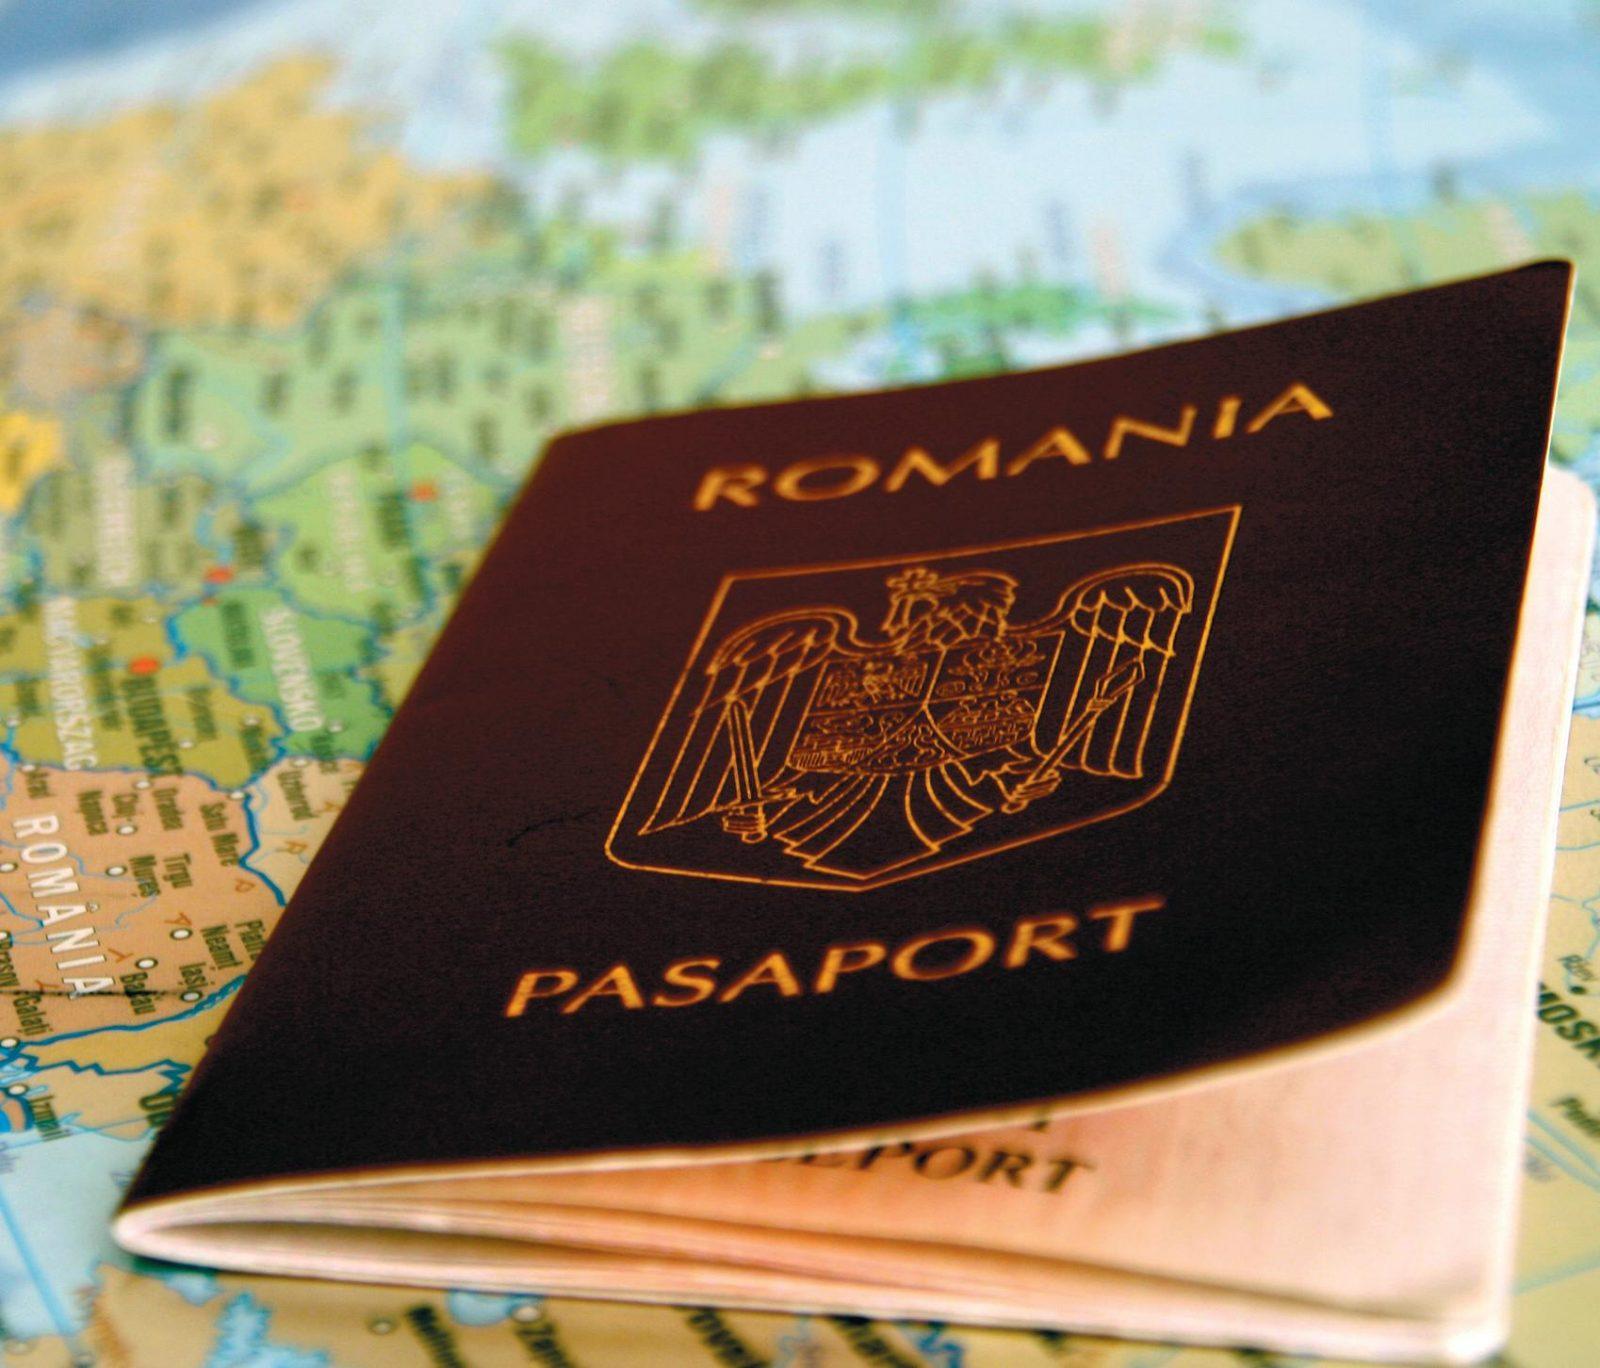 pasaport